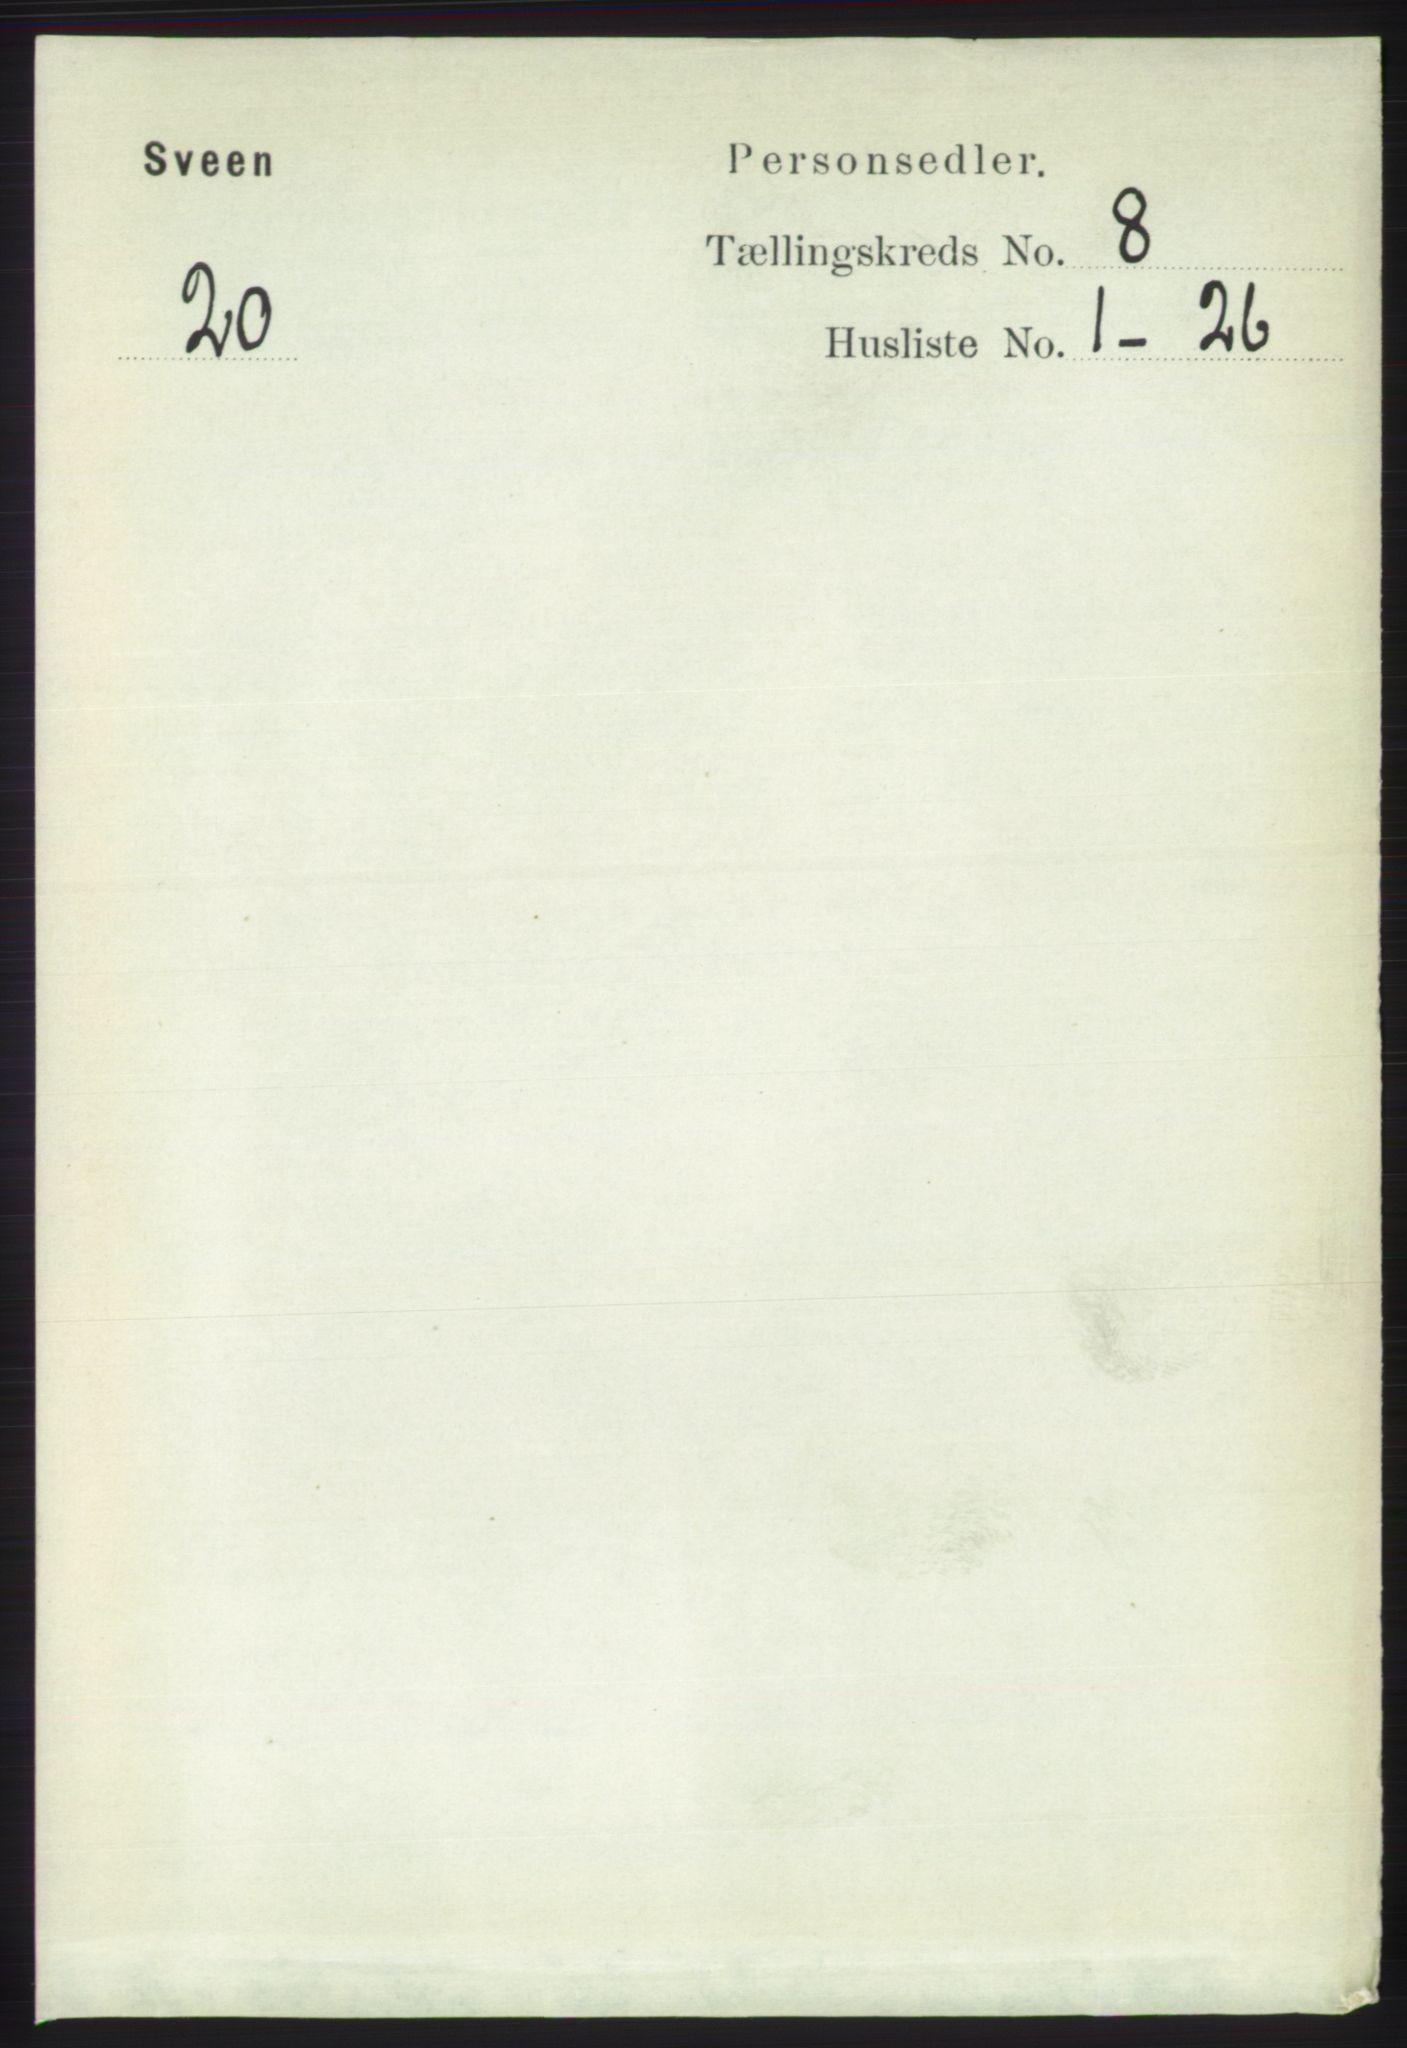 RA, Folketelling 1891 for 1216 Sveio herred, 1891, s. 2352